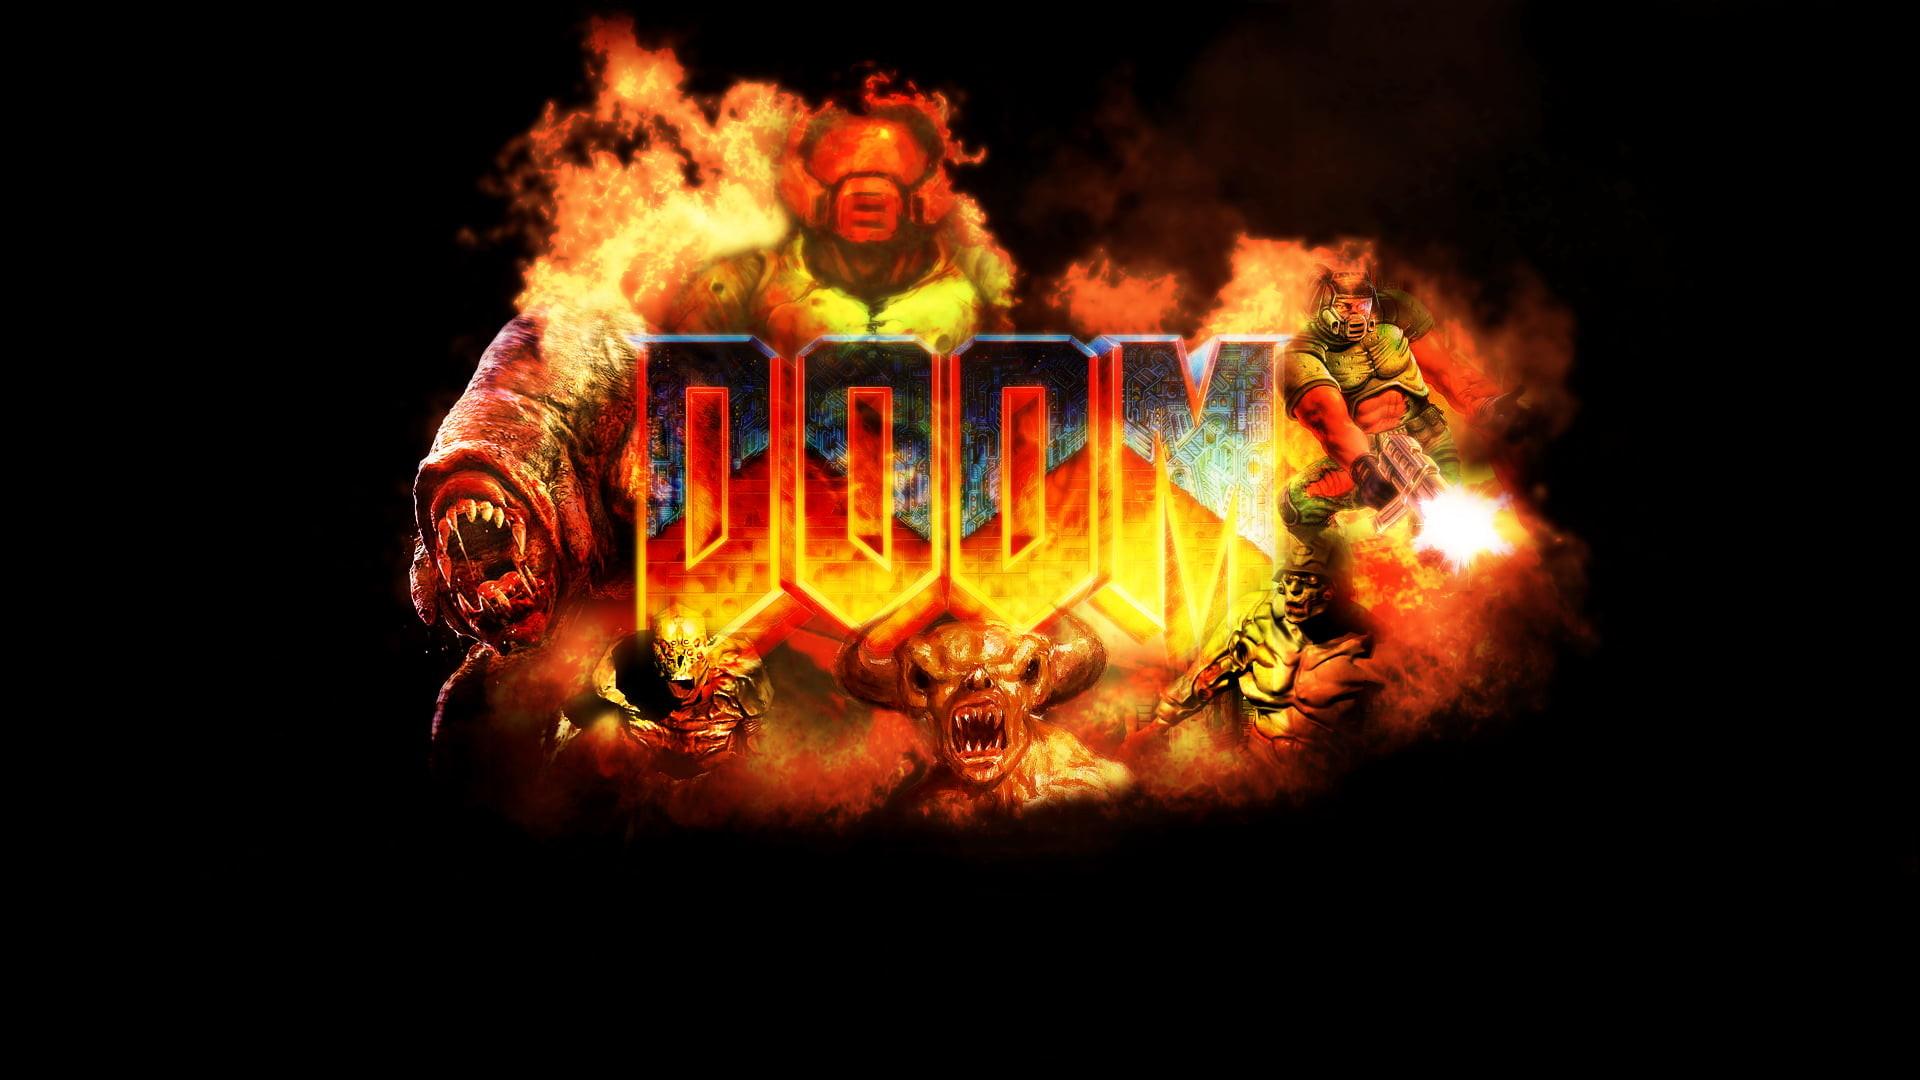 Res: 1920x1080, Doom digital game wallpaper HD wallpaper